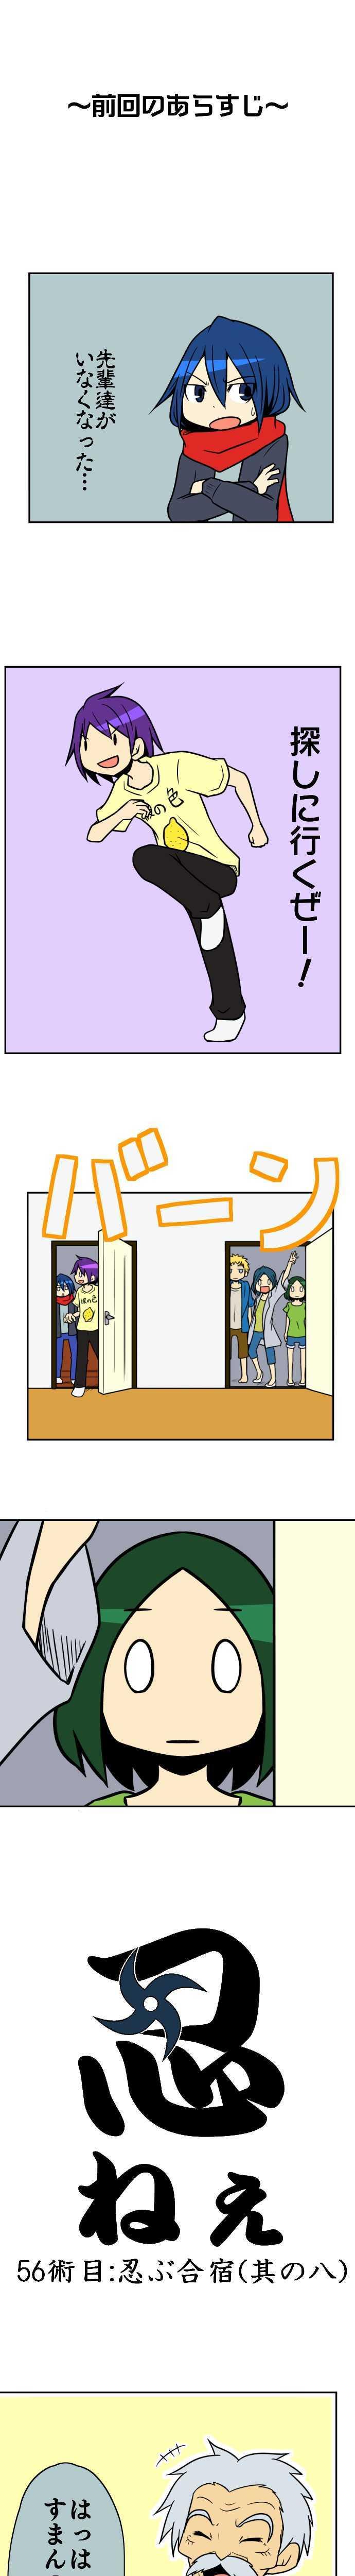 56術目:忍ぶ合宿(其の八)